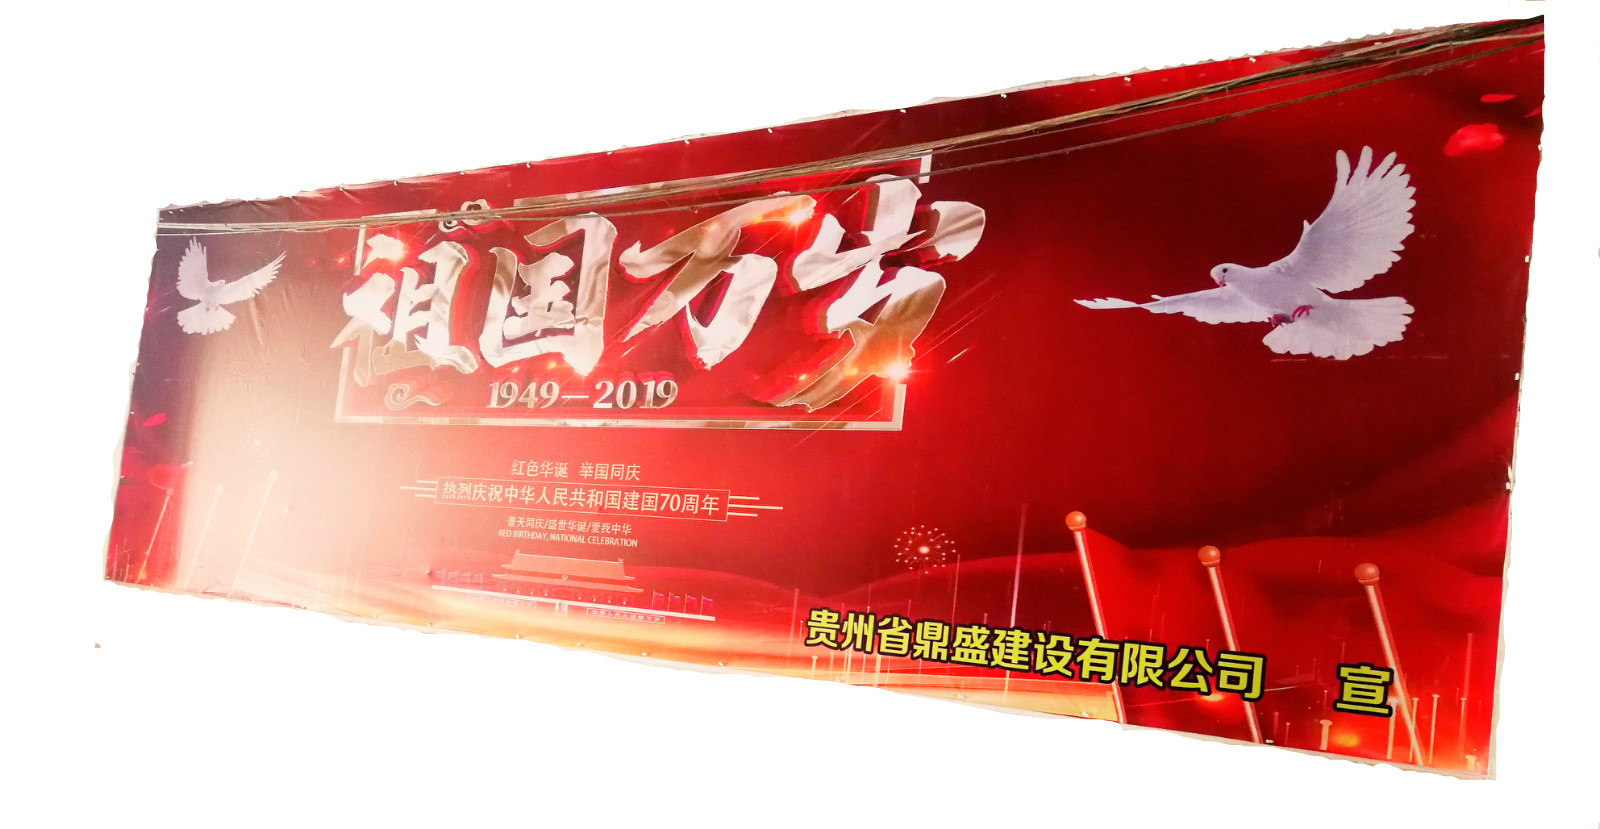 貴州省鼎盛建設有限公司全體員工熱烈慶祝祖國70周年華誕